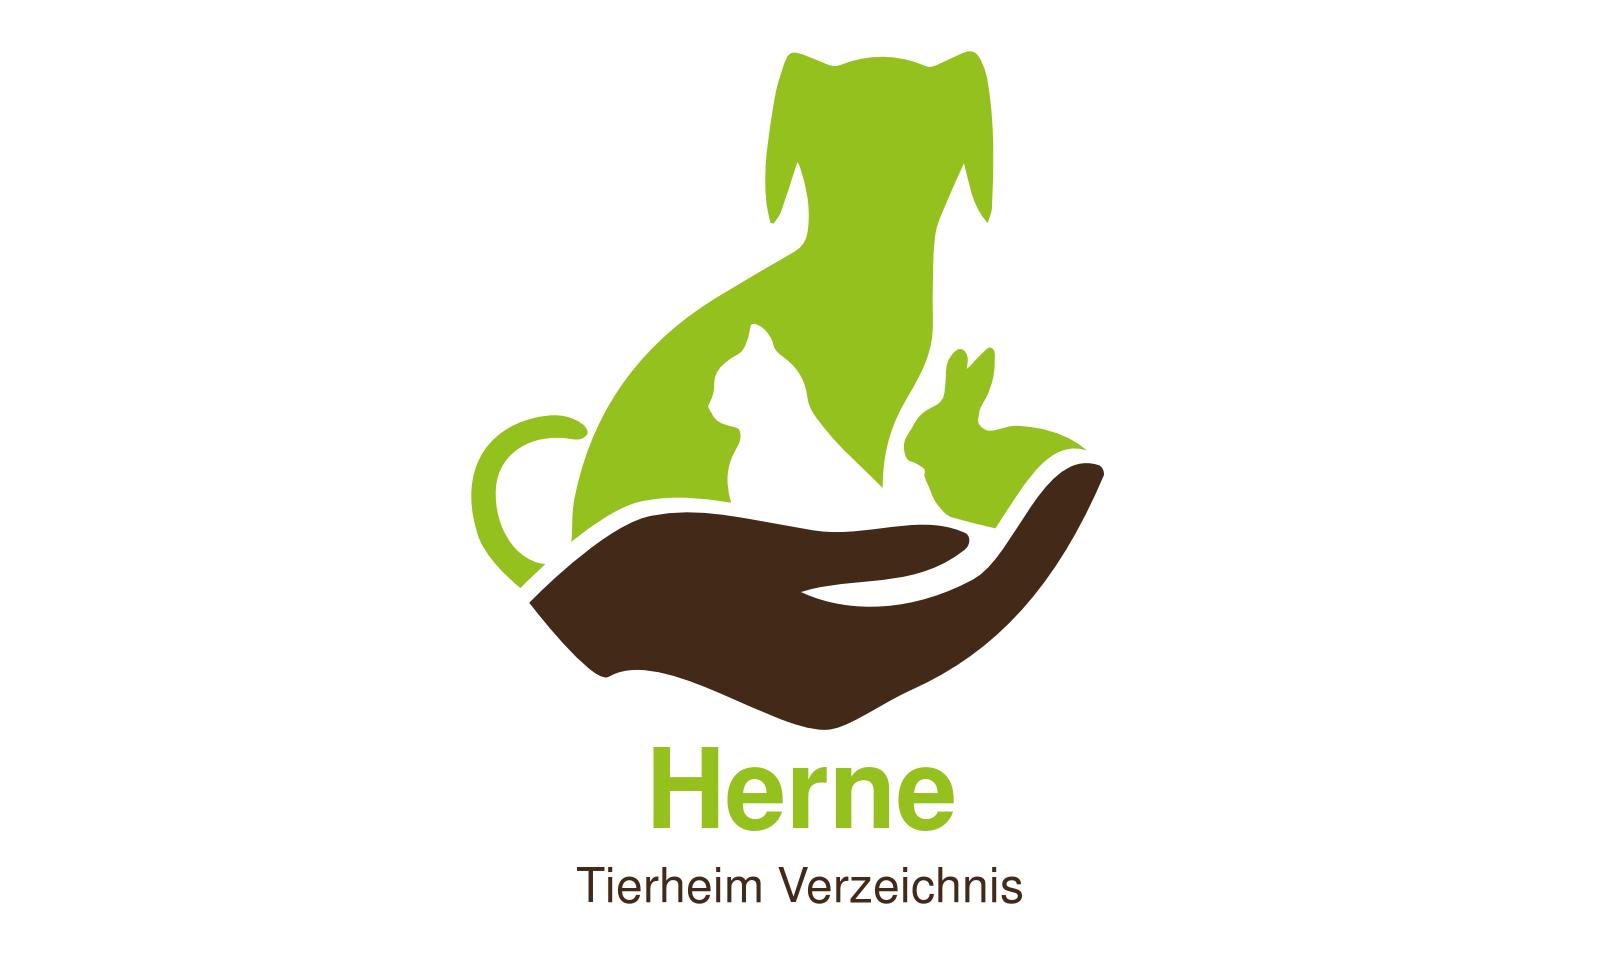 Tierheim Herne